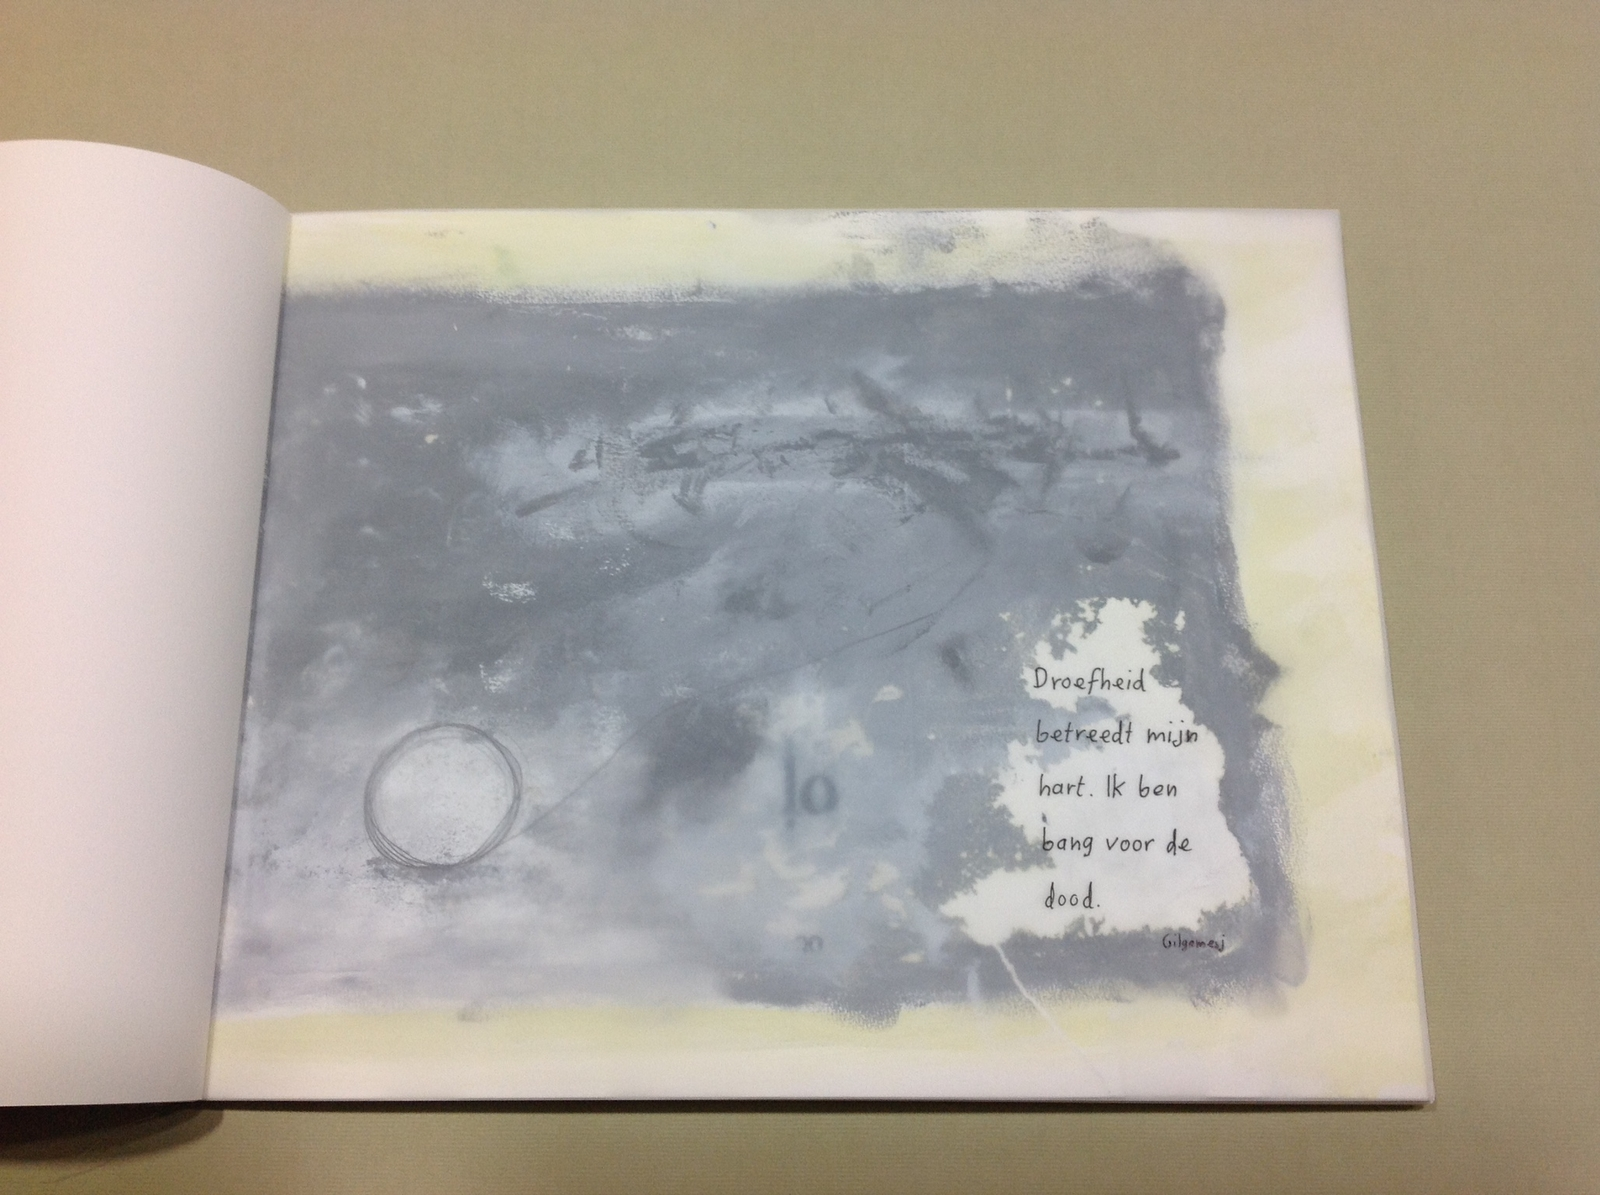 Book of Death - Kunst van Zijn